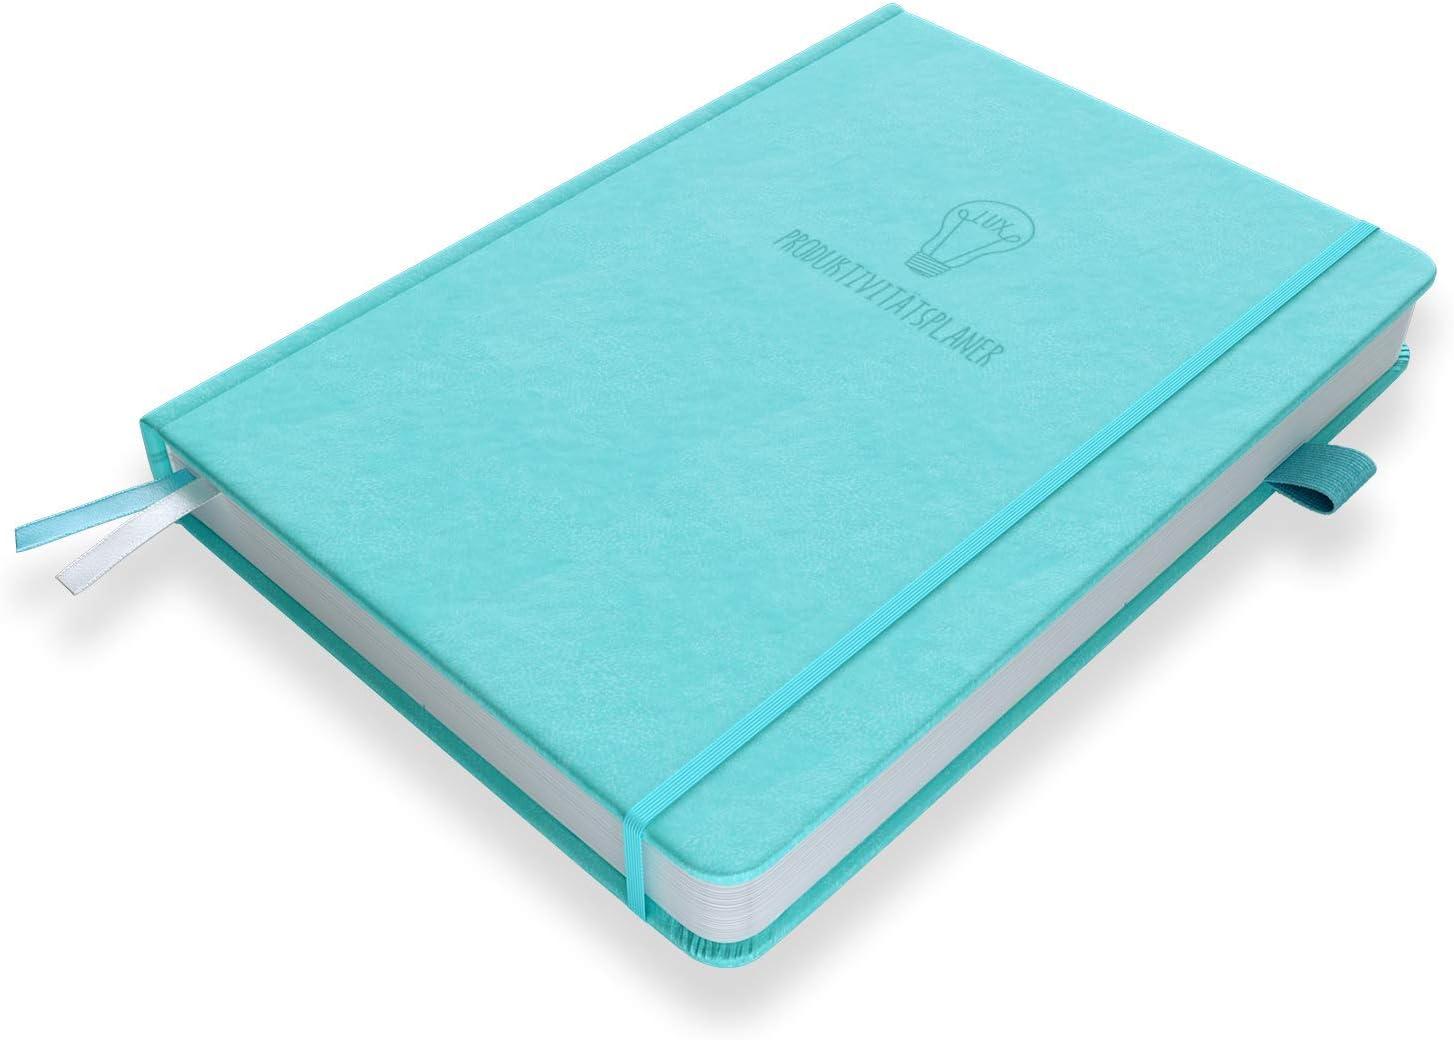 Dankbarkeit /& Zufriedenheit steigern DIN A5 Undatiertes Tagebuch//Organiser mit Tagesplan /& Reflexionstagebuch Zeit//Projekte//Finanzen managen LUX Produktivit/ätsplaner Ziele setzen Himmelblau